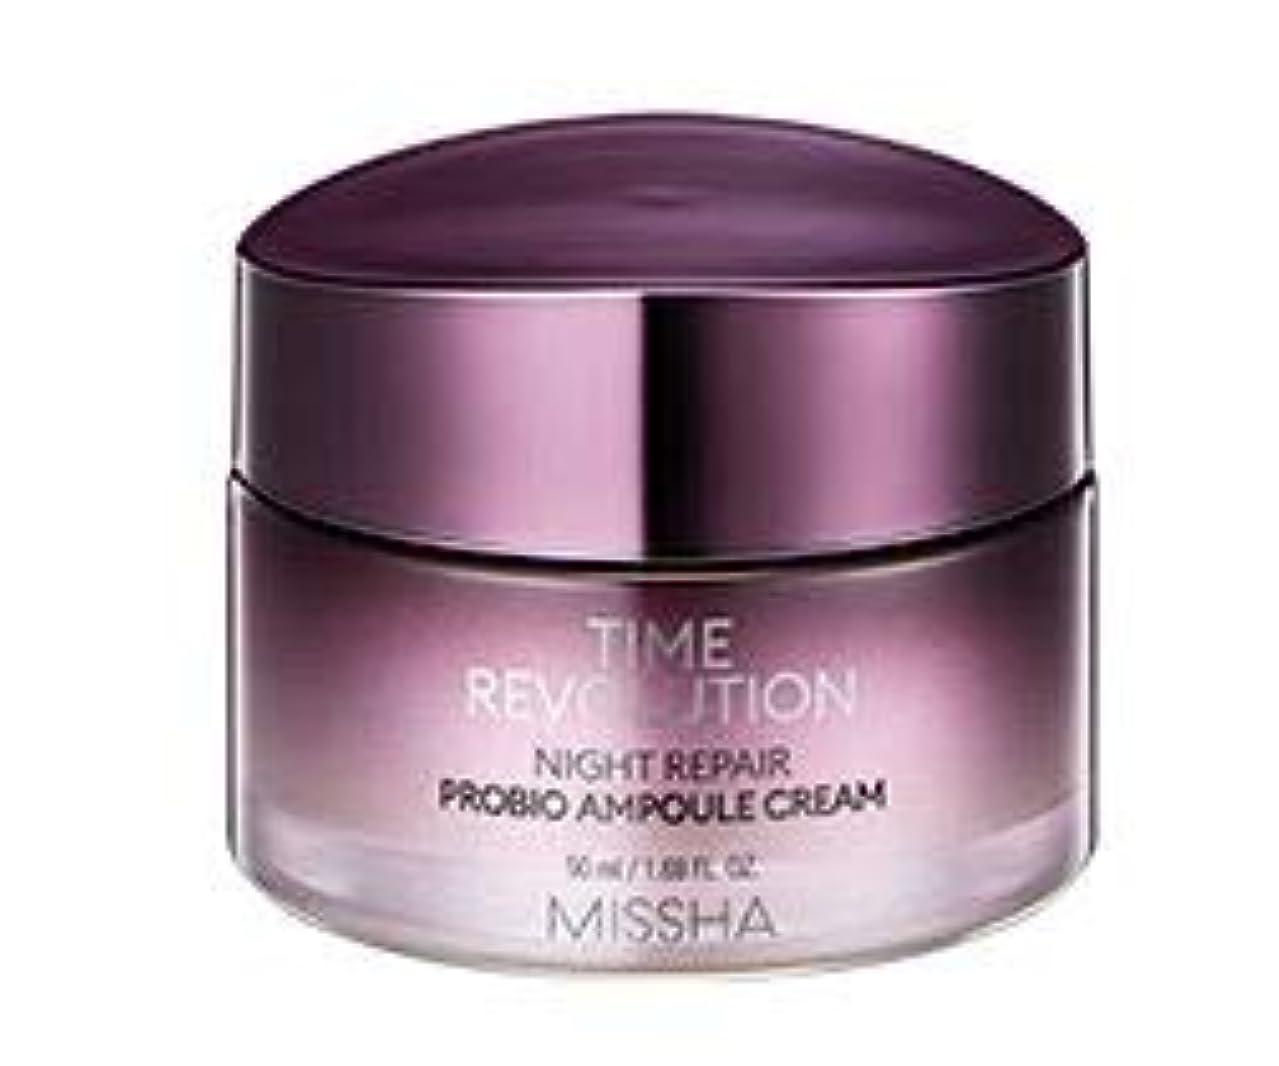 音リネン後者[NEW!!] MISSHA TIME REVOLUTION_Night Repair Probio Ampoule Cream ミシャ タイムレボリューション ナイト リペア プロバイオ アンプル クリーム 50ml...